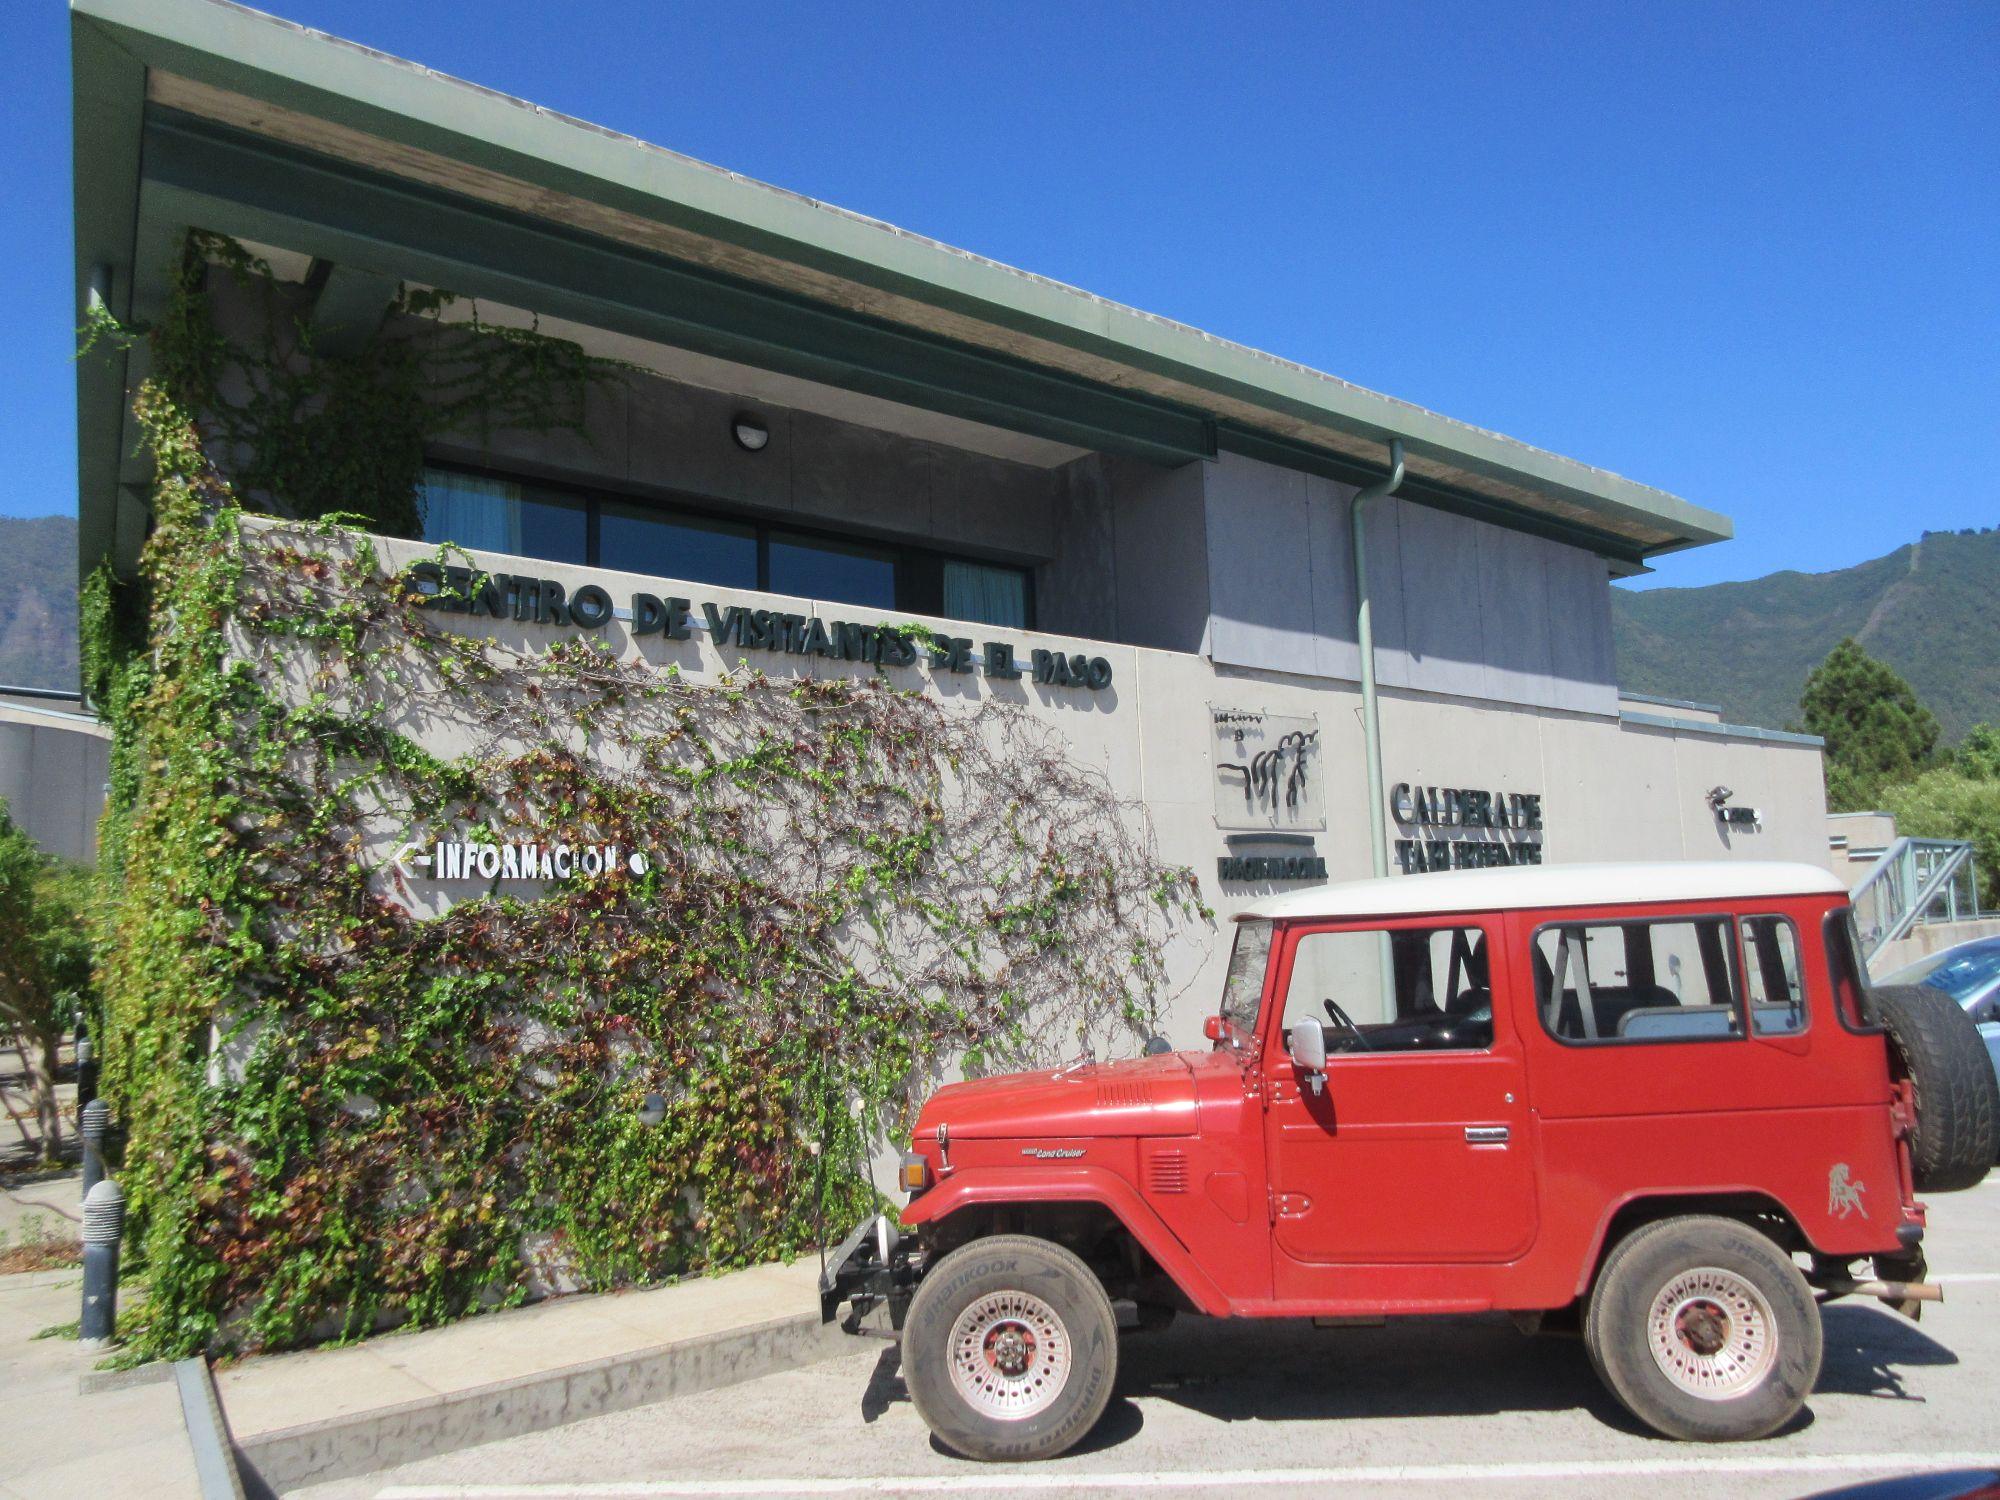 El Paso Visitor Centre